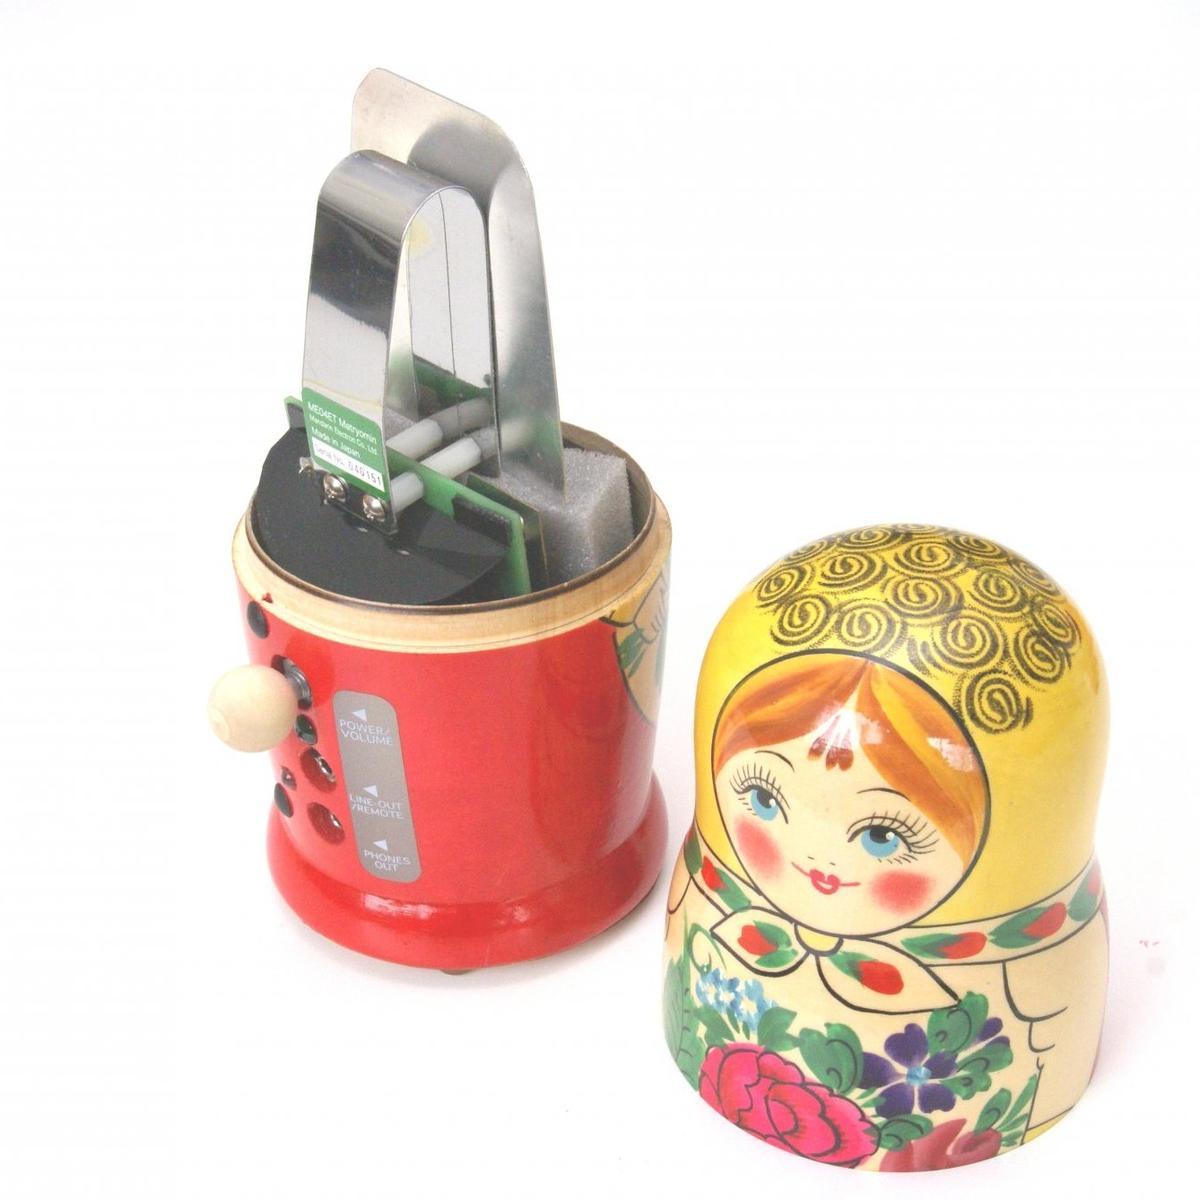 静岡県浜松市 【ふるさと納税】マトリョミン、弾いてミン、聴いてミン! 【玩具・おもちゃ・...